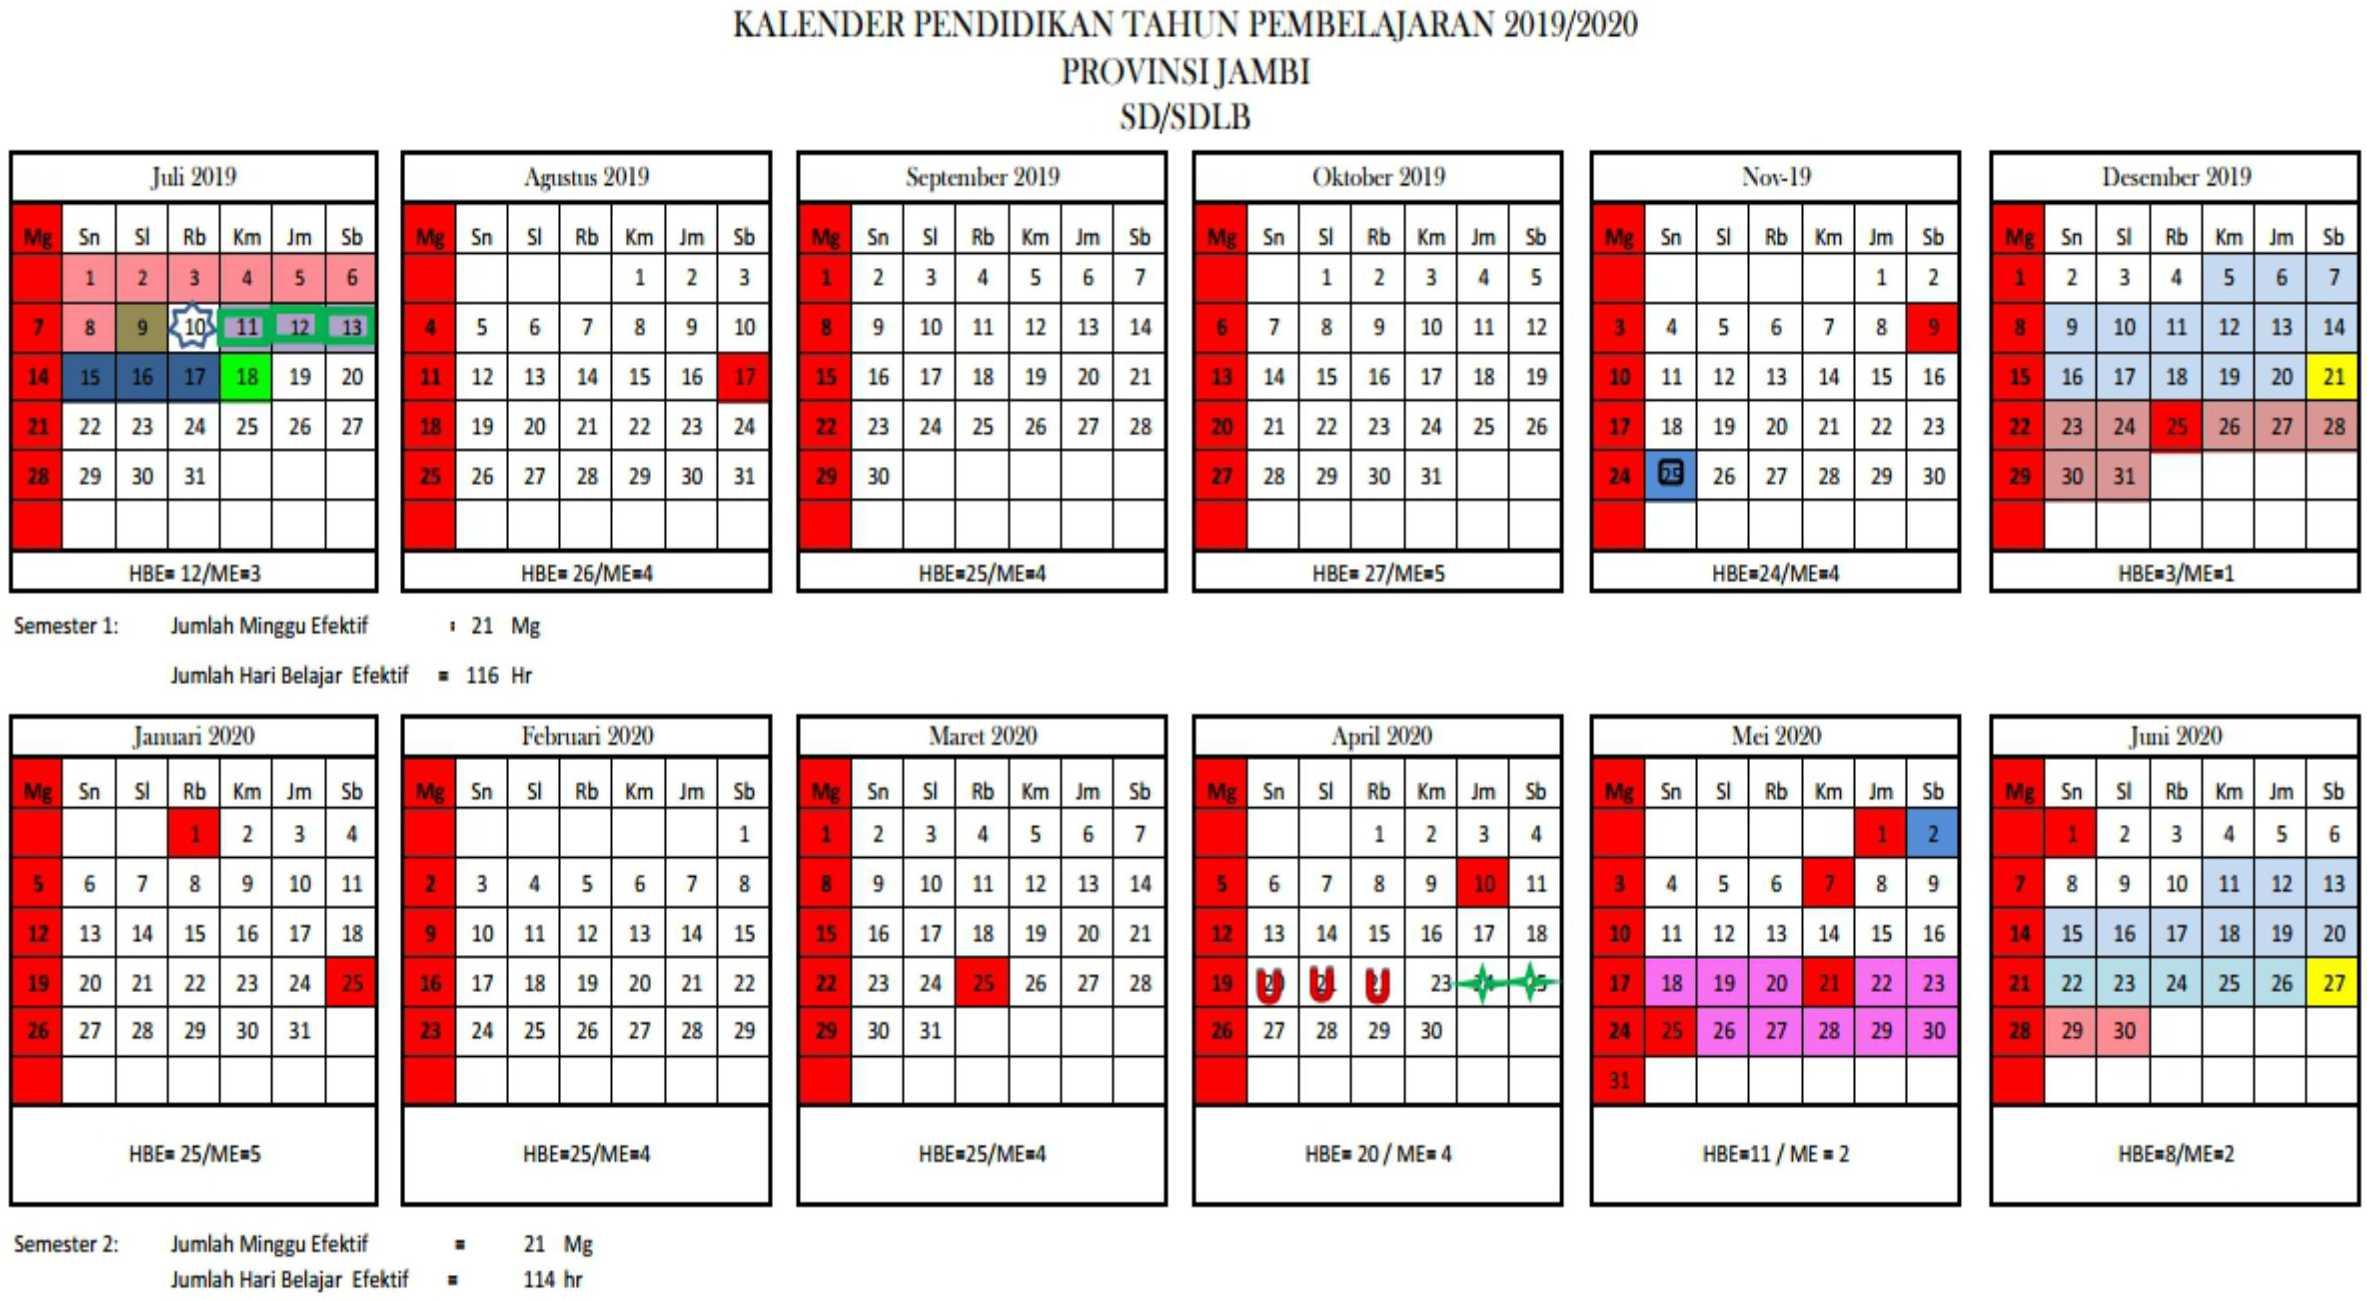 kalender pendidikan tahun pembelajaran 2019-2020 provinsi jambi SD-SDLB